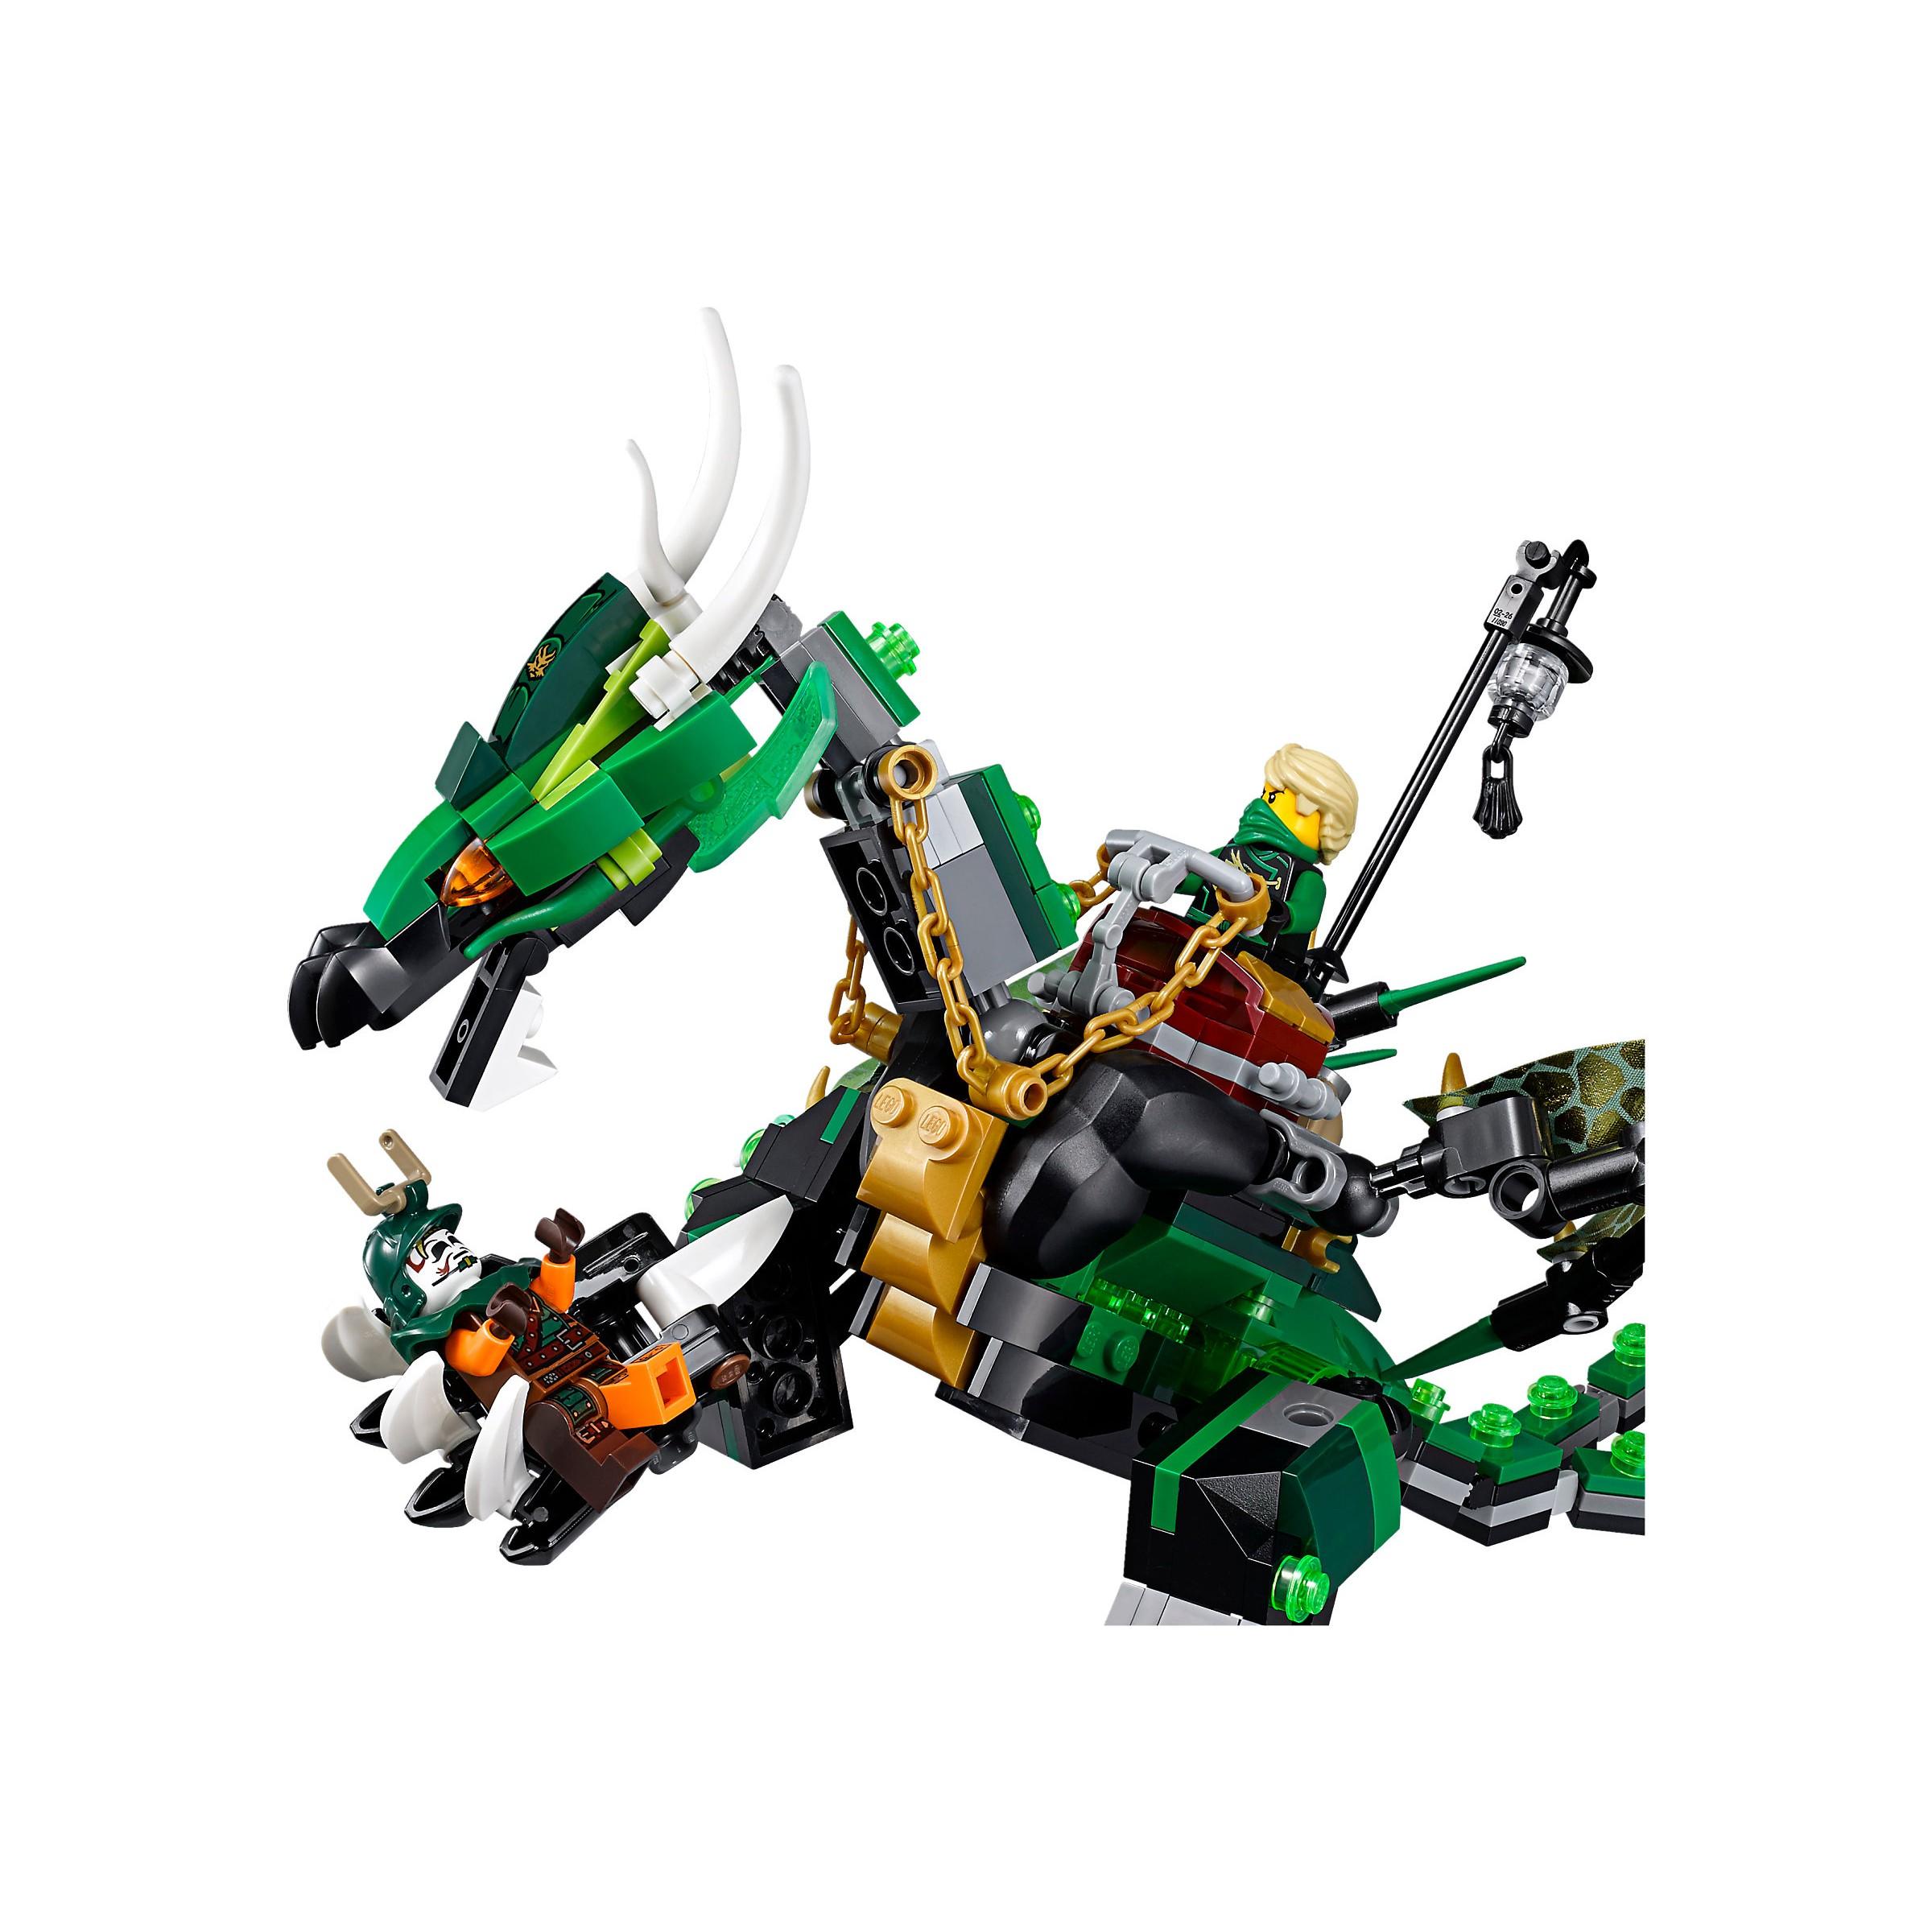 Lego 70593 Ninjago The Green Nrg Dragon At Hobby Warehouse